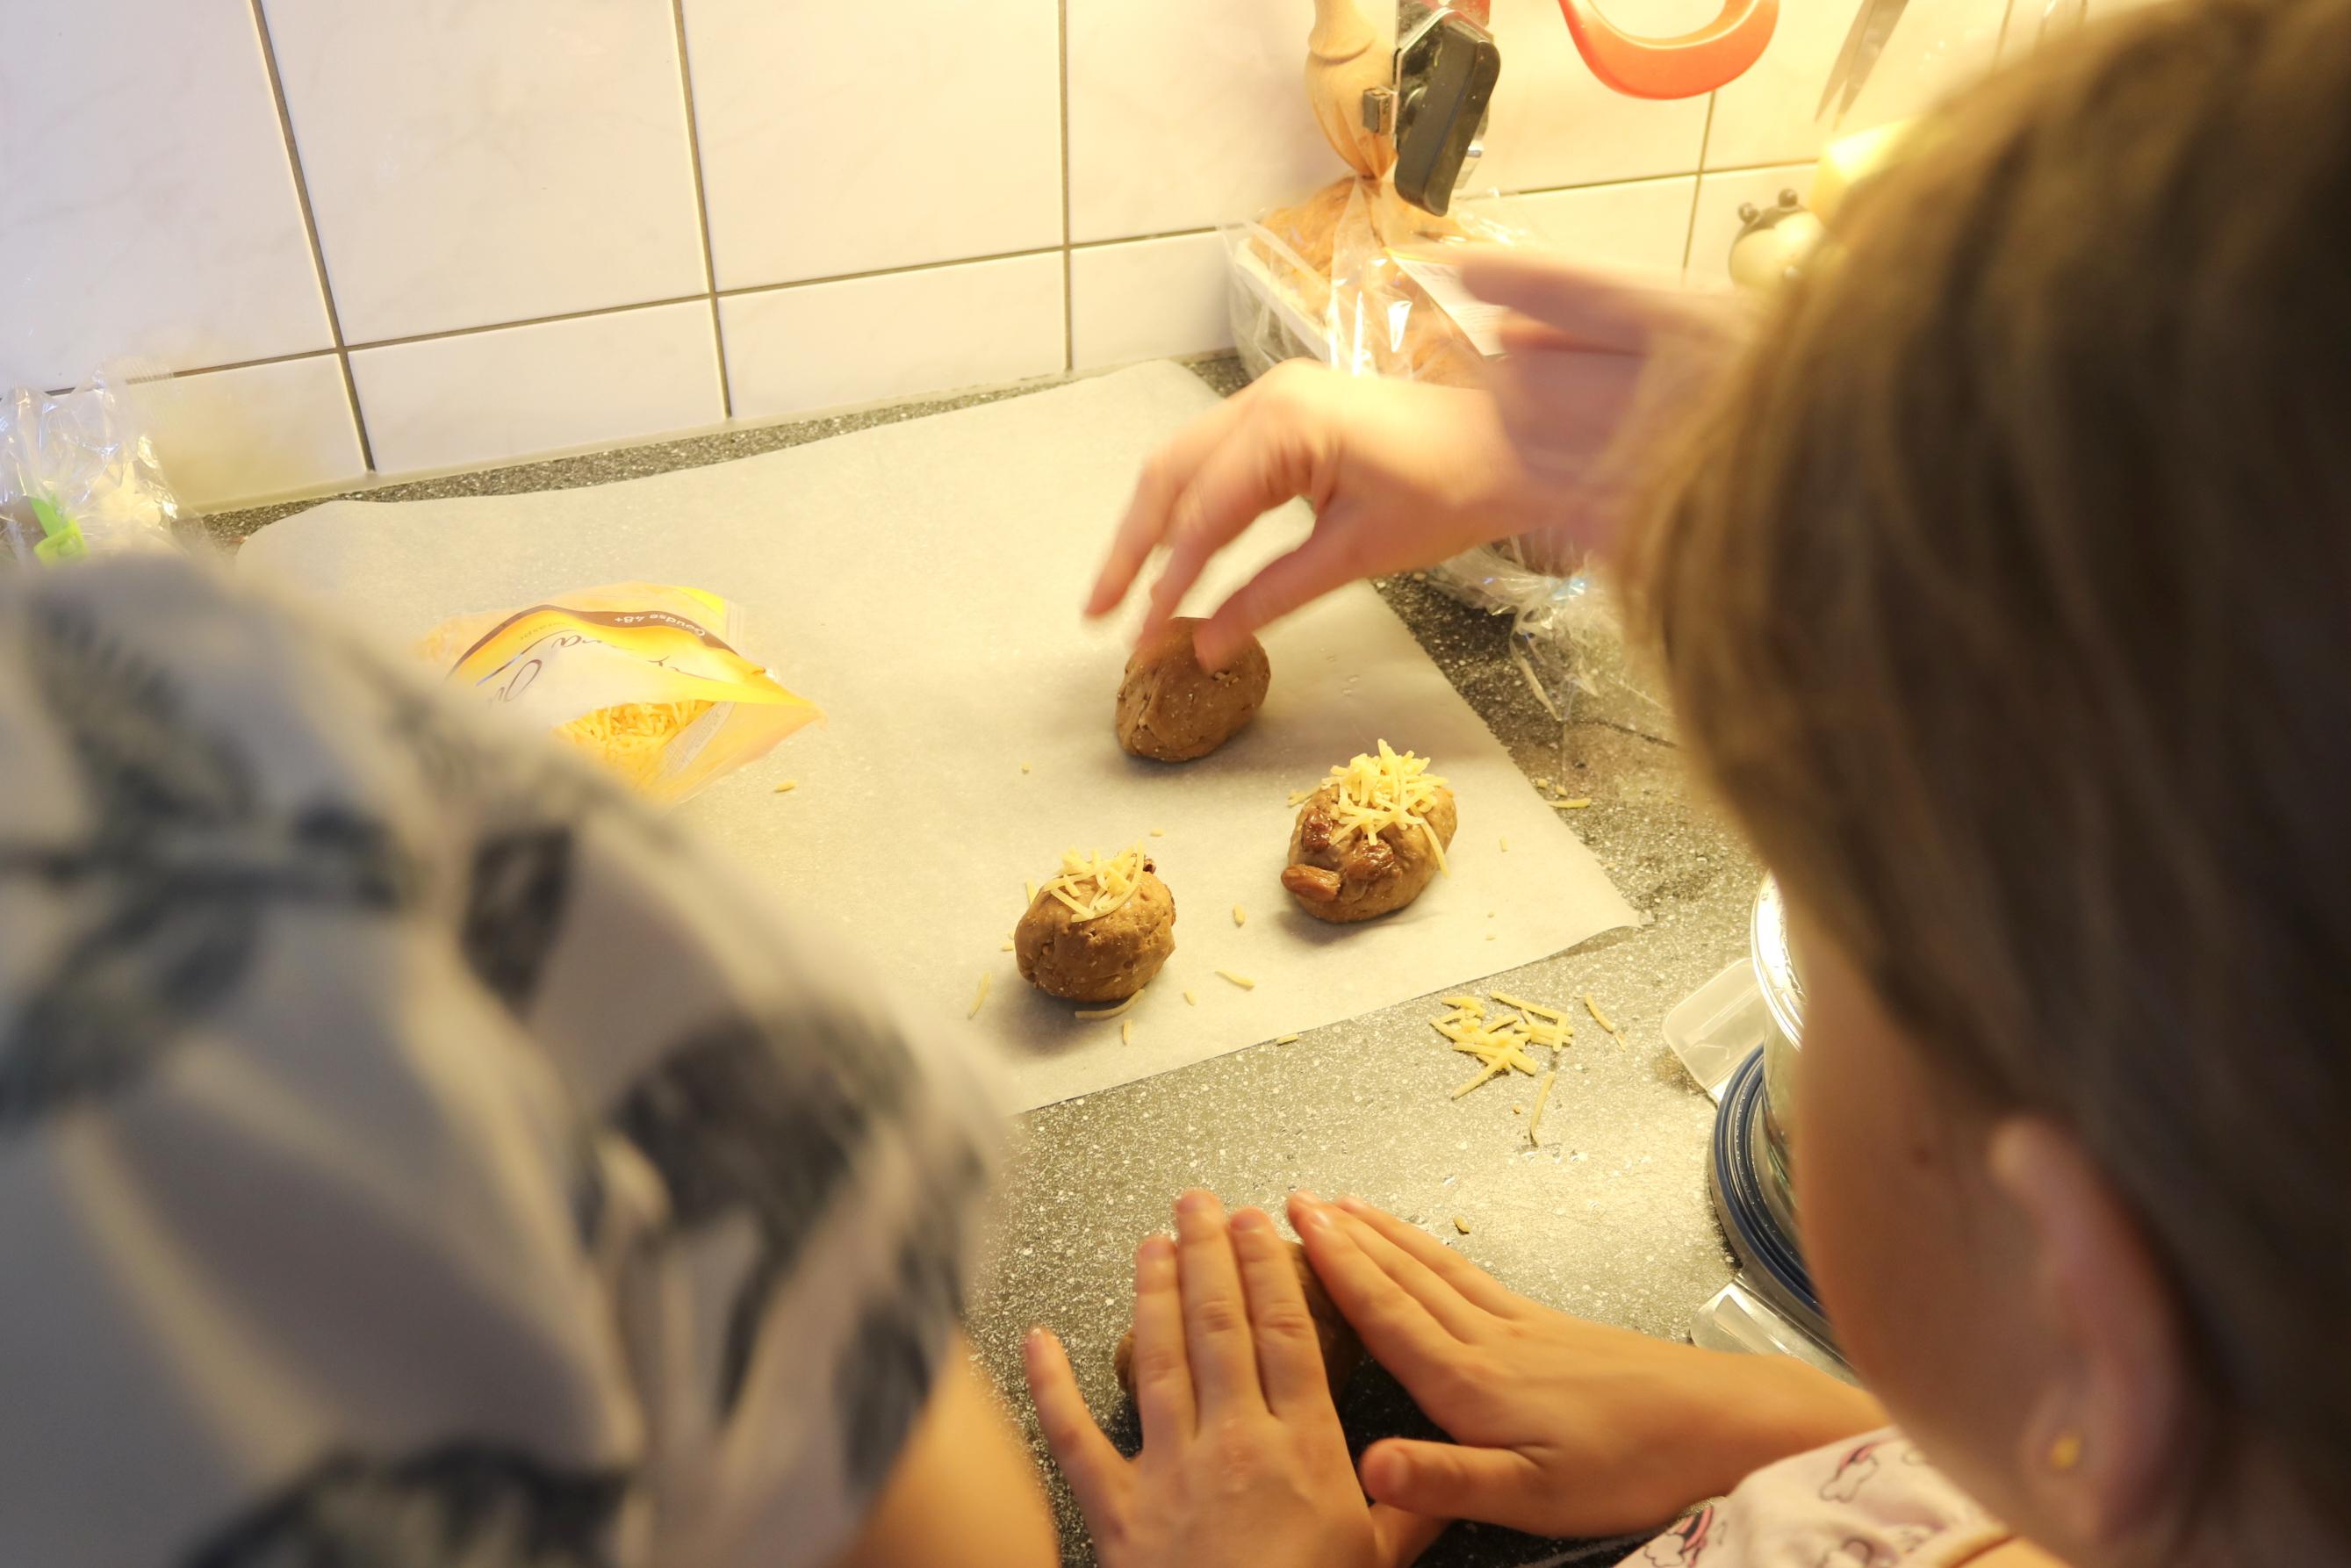 egel broodj, koken kinderen, recept brood, recept kinderen, egeltjes brood, brood bakken,